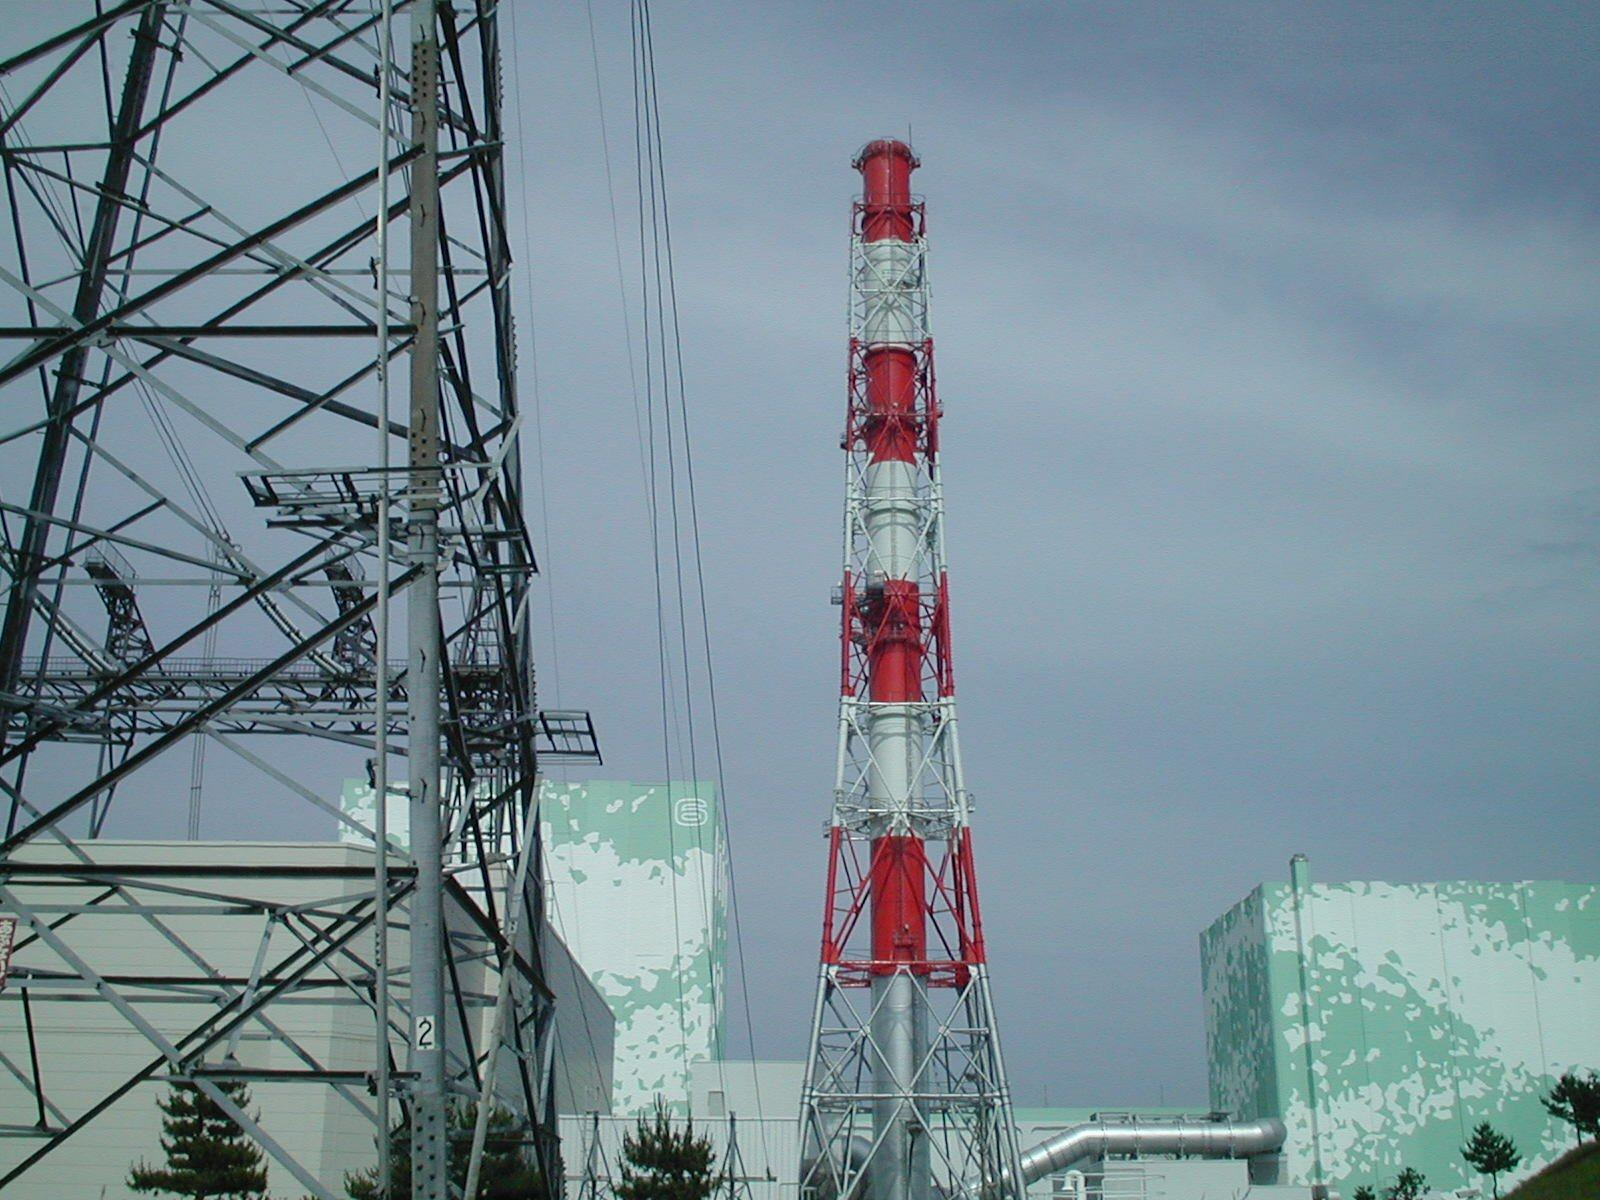 fukushima nuclear power plant M 9, near the east coast of honshu, japan unit 1 video unit 3 video  unit 4 video blast at fukushima nuke plant.